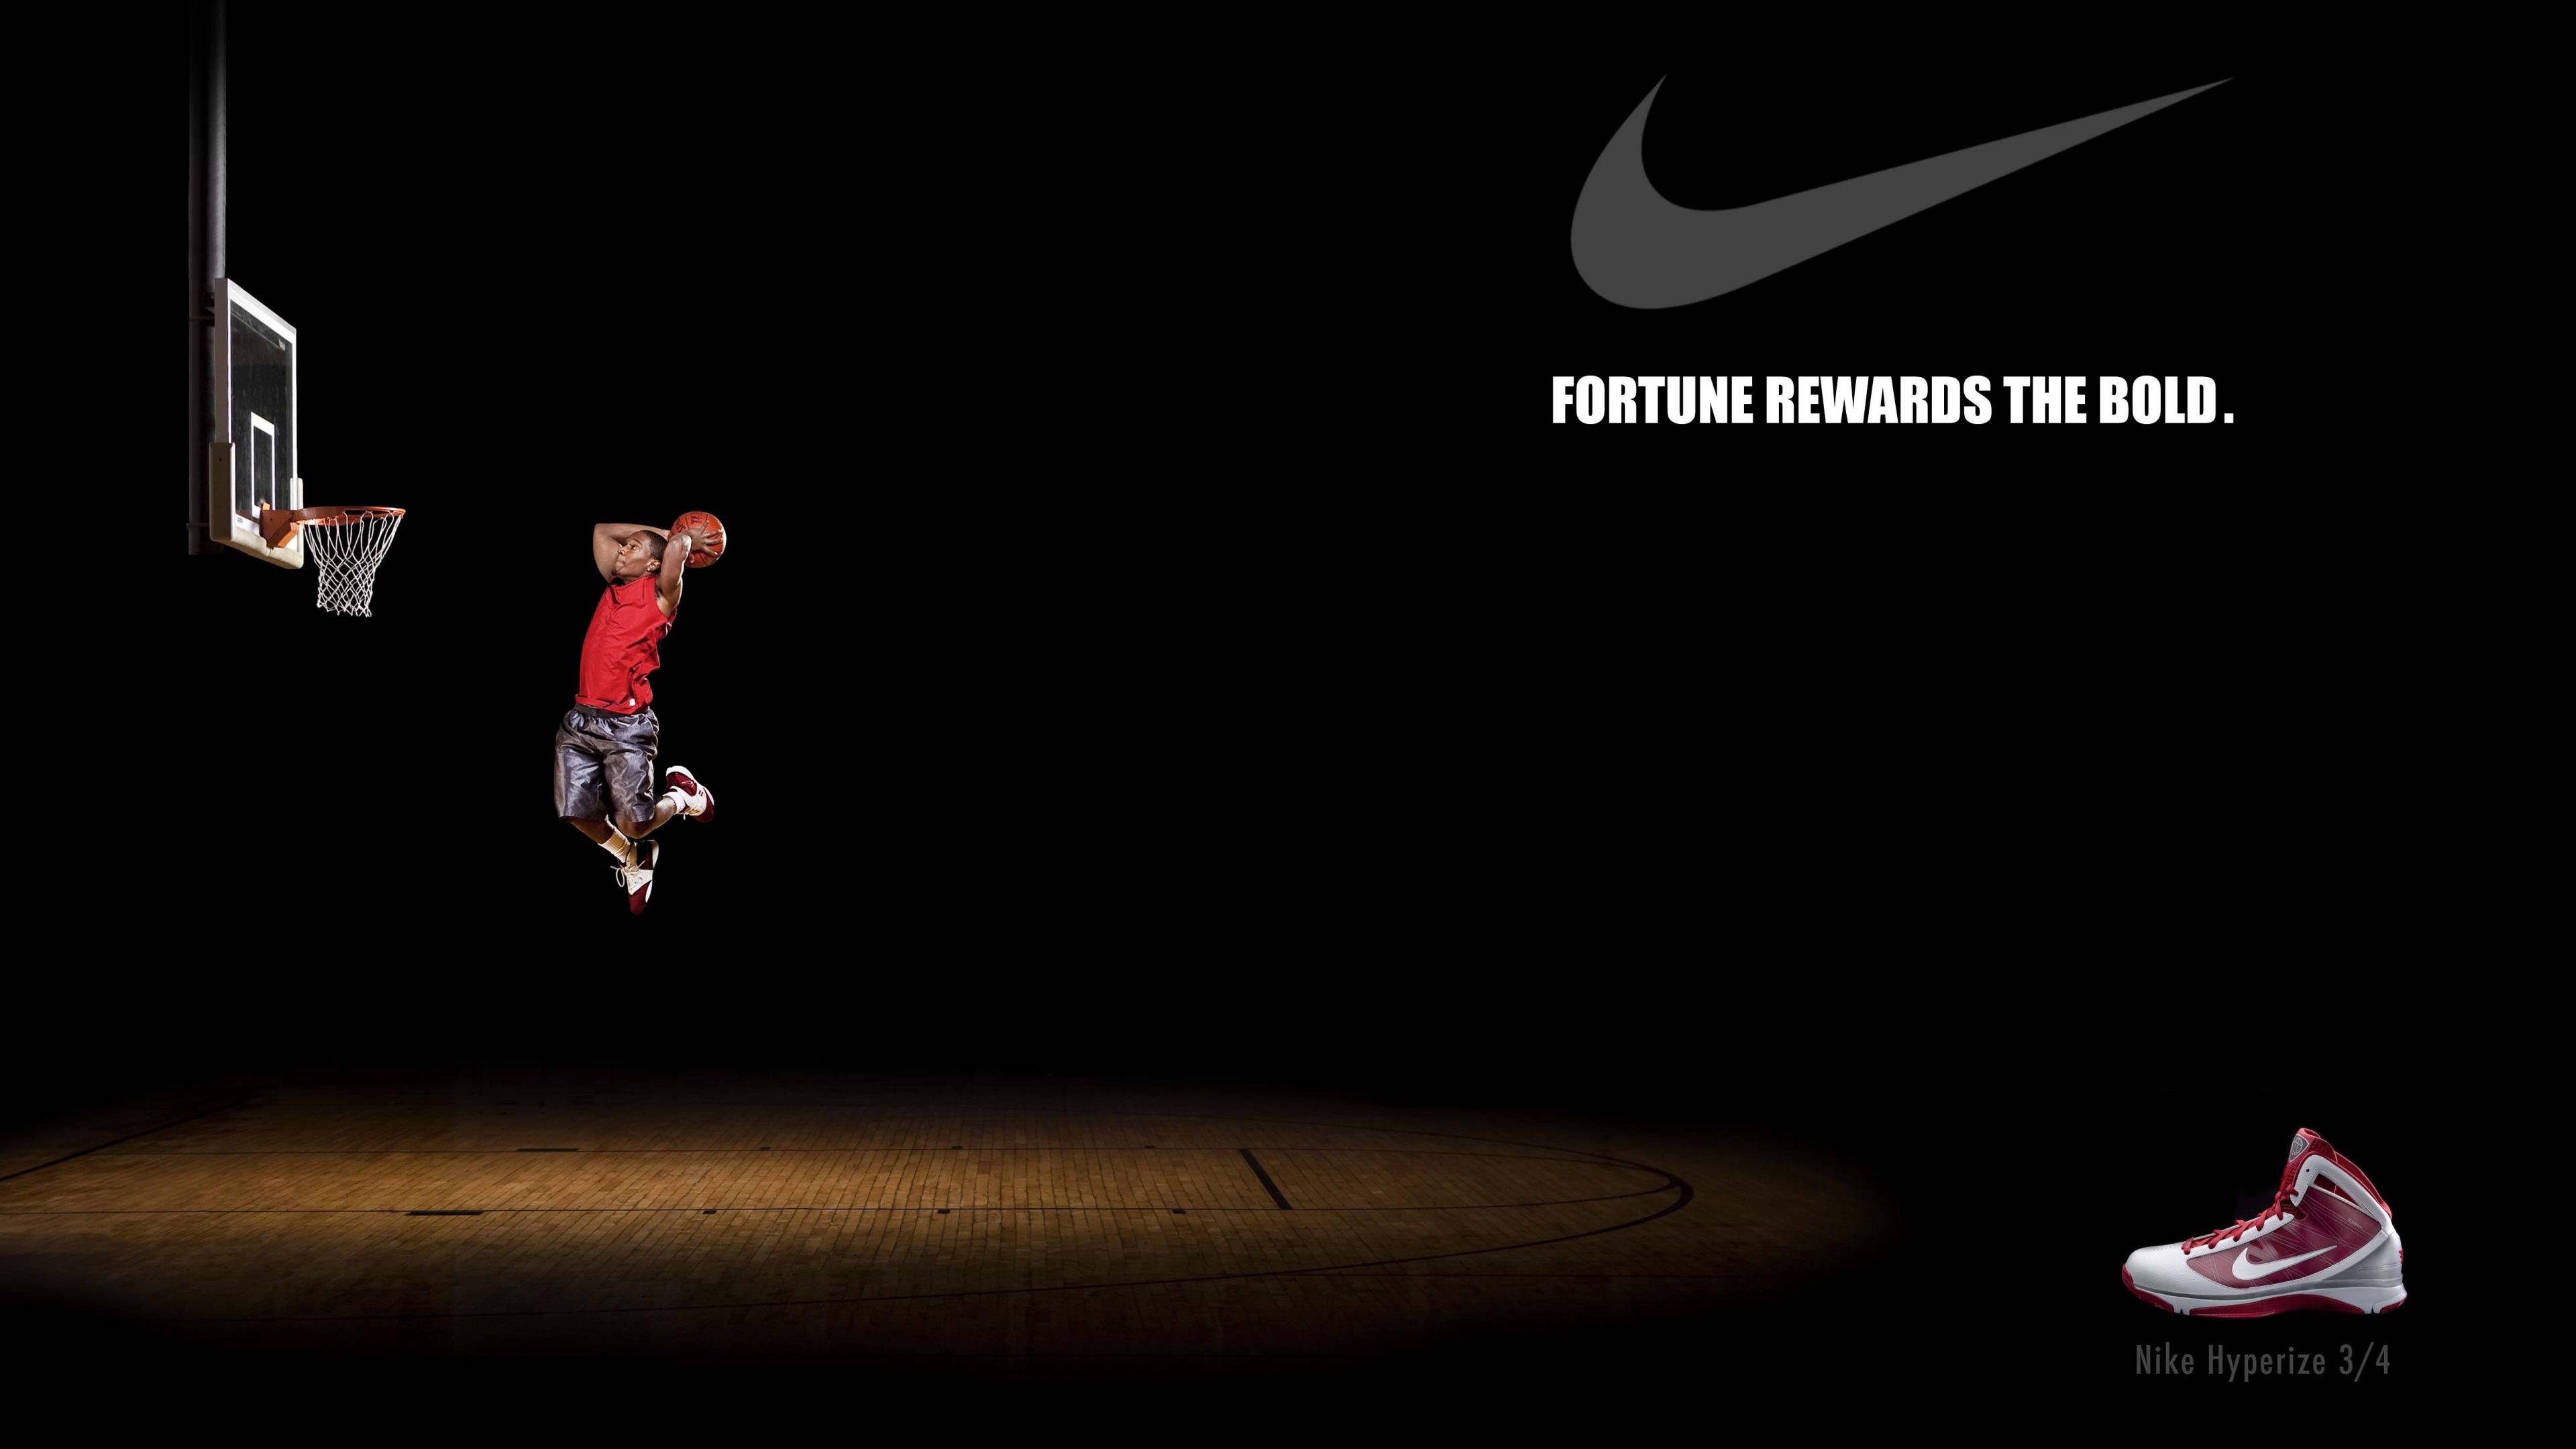 Nike Basketball Wallpapers 4k Nike Basketball Ads 109832 Hd